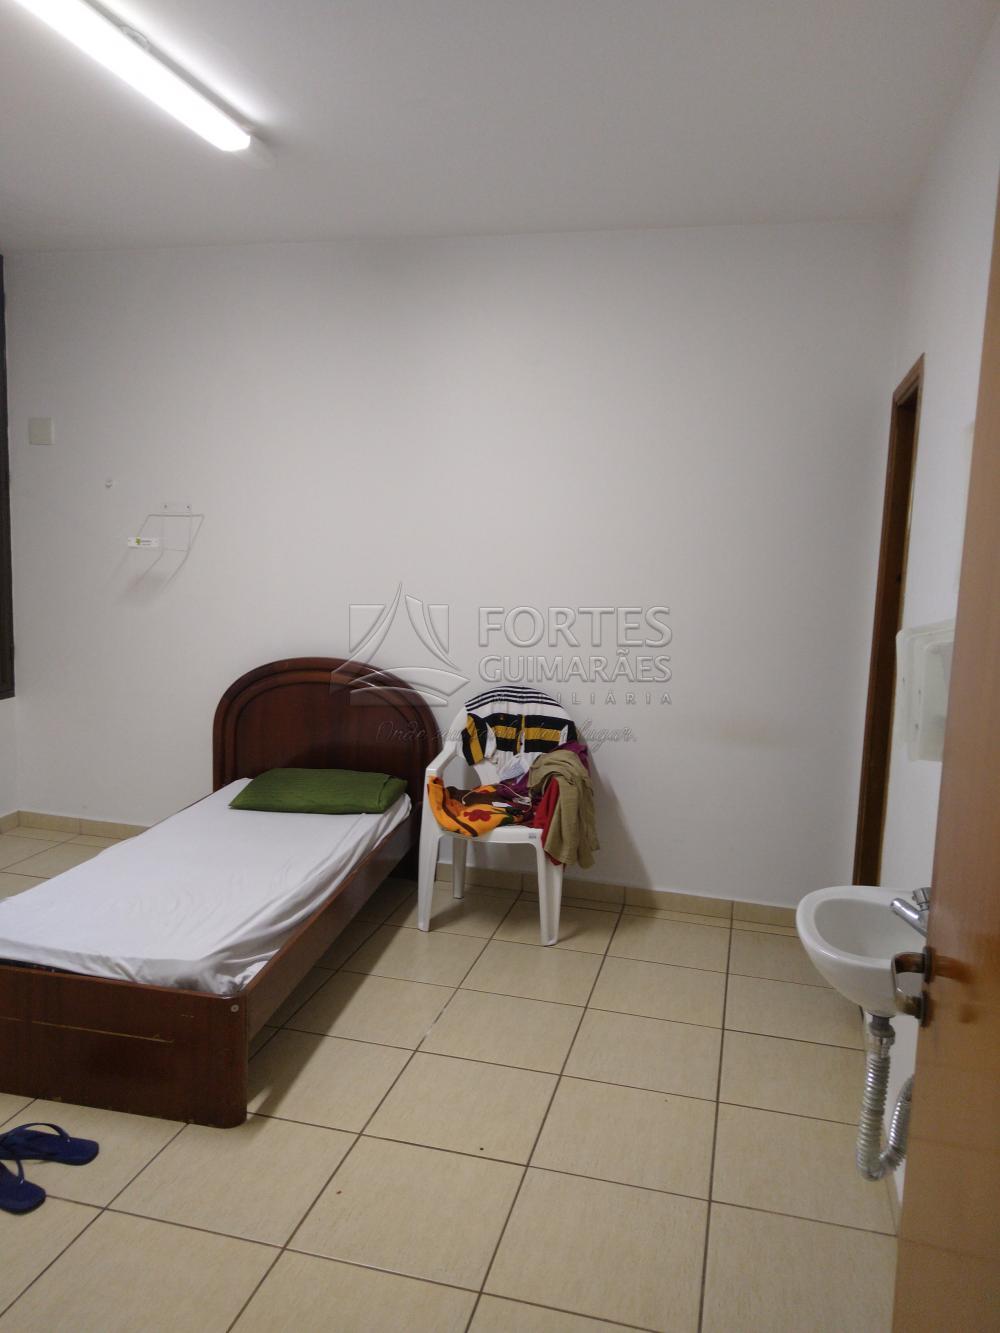 Alugar Comercial / Imóvel Comercial em Ribeirão Preto apenas R$ 12.000,00 - Foto 21